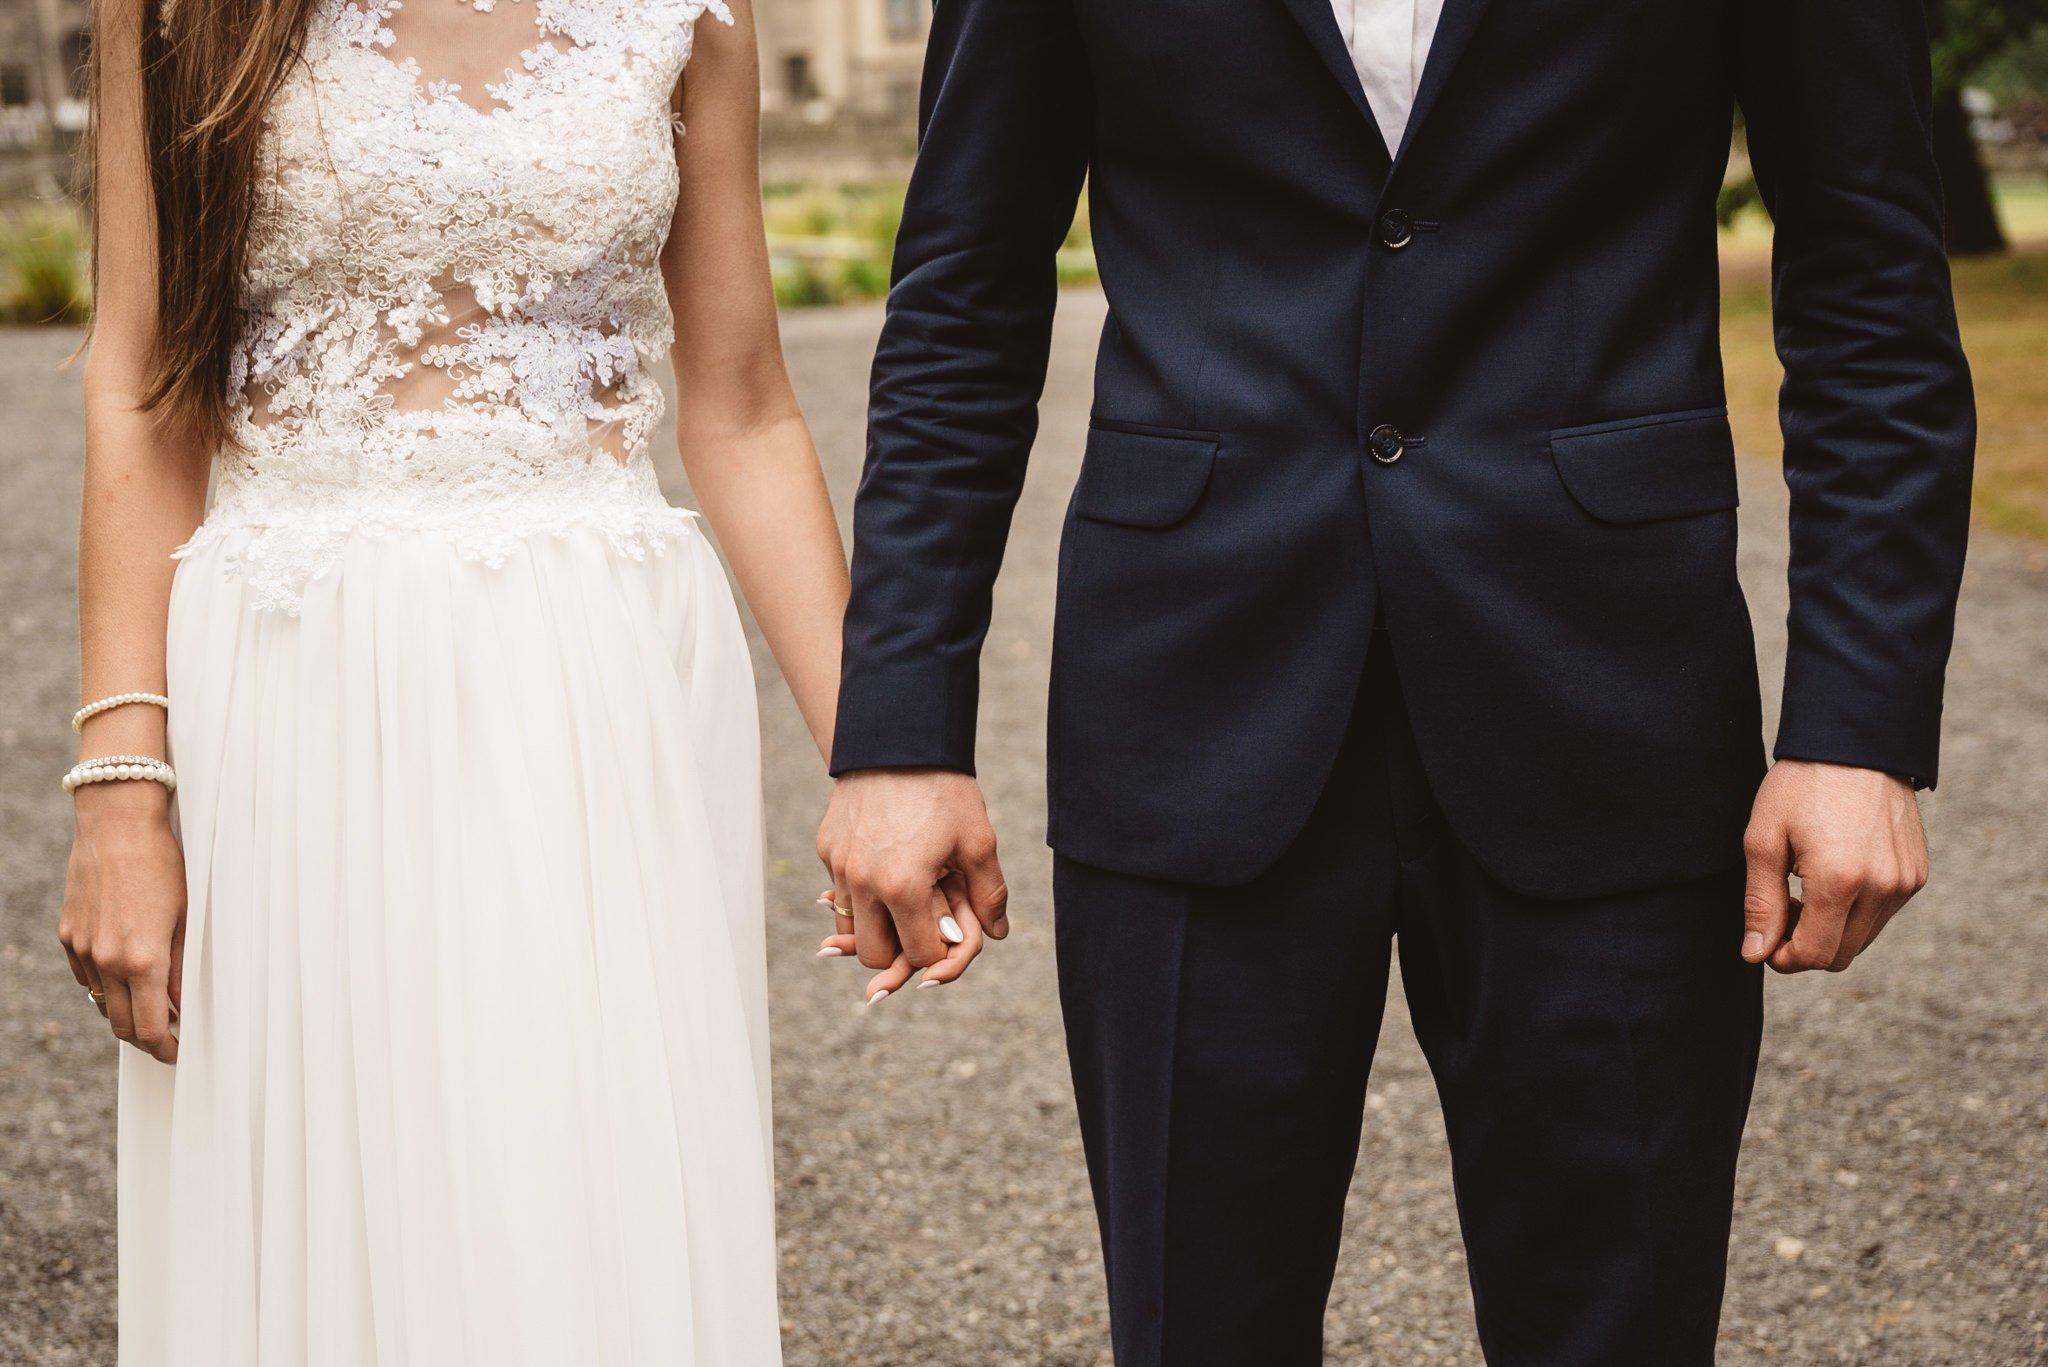 Ala i Arek, czyli jak zorganizować ślub i wesele w 4 tygodnie! 427